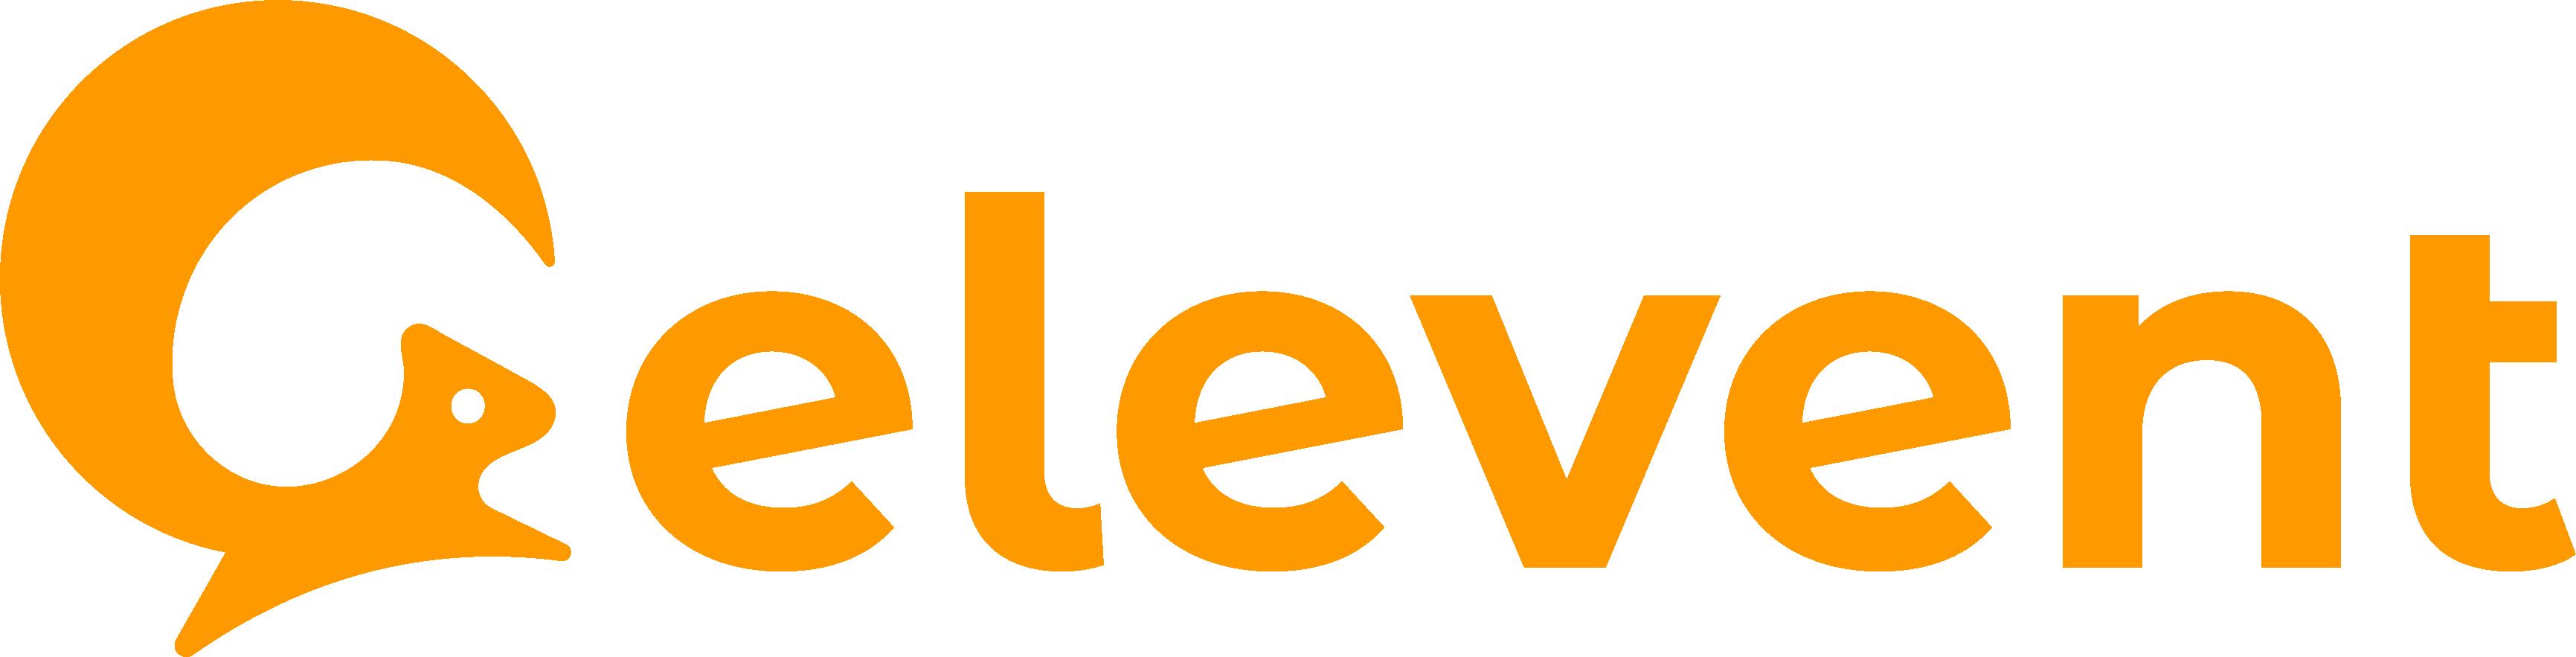 Celevent logo